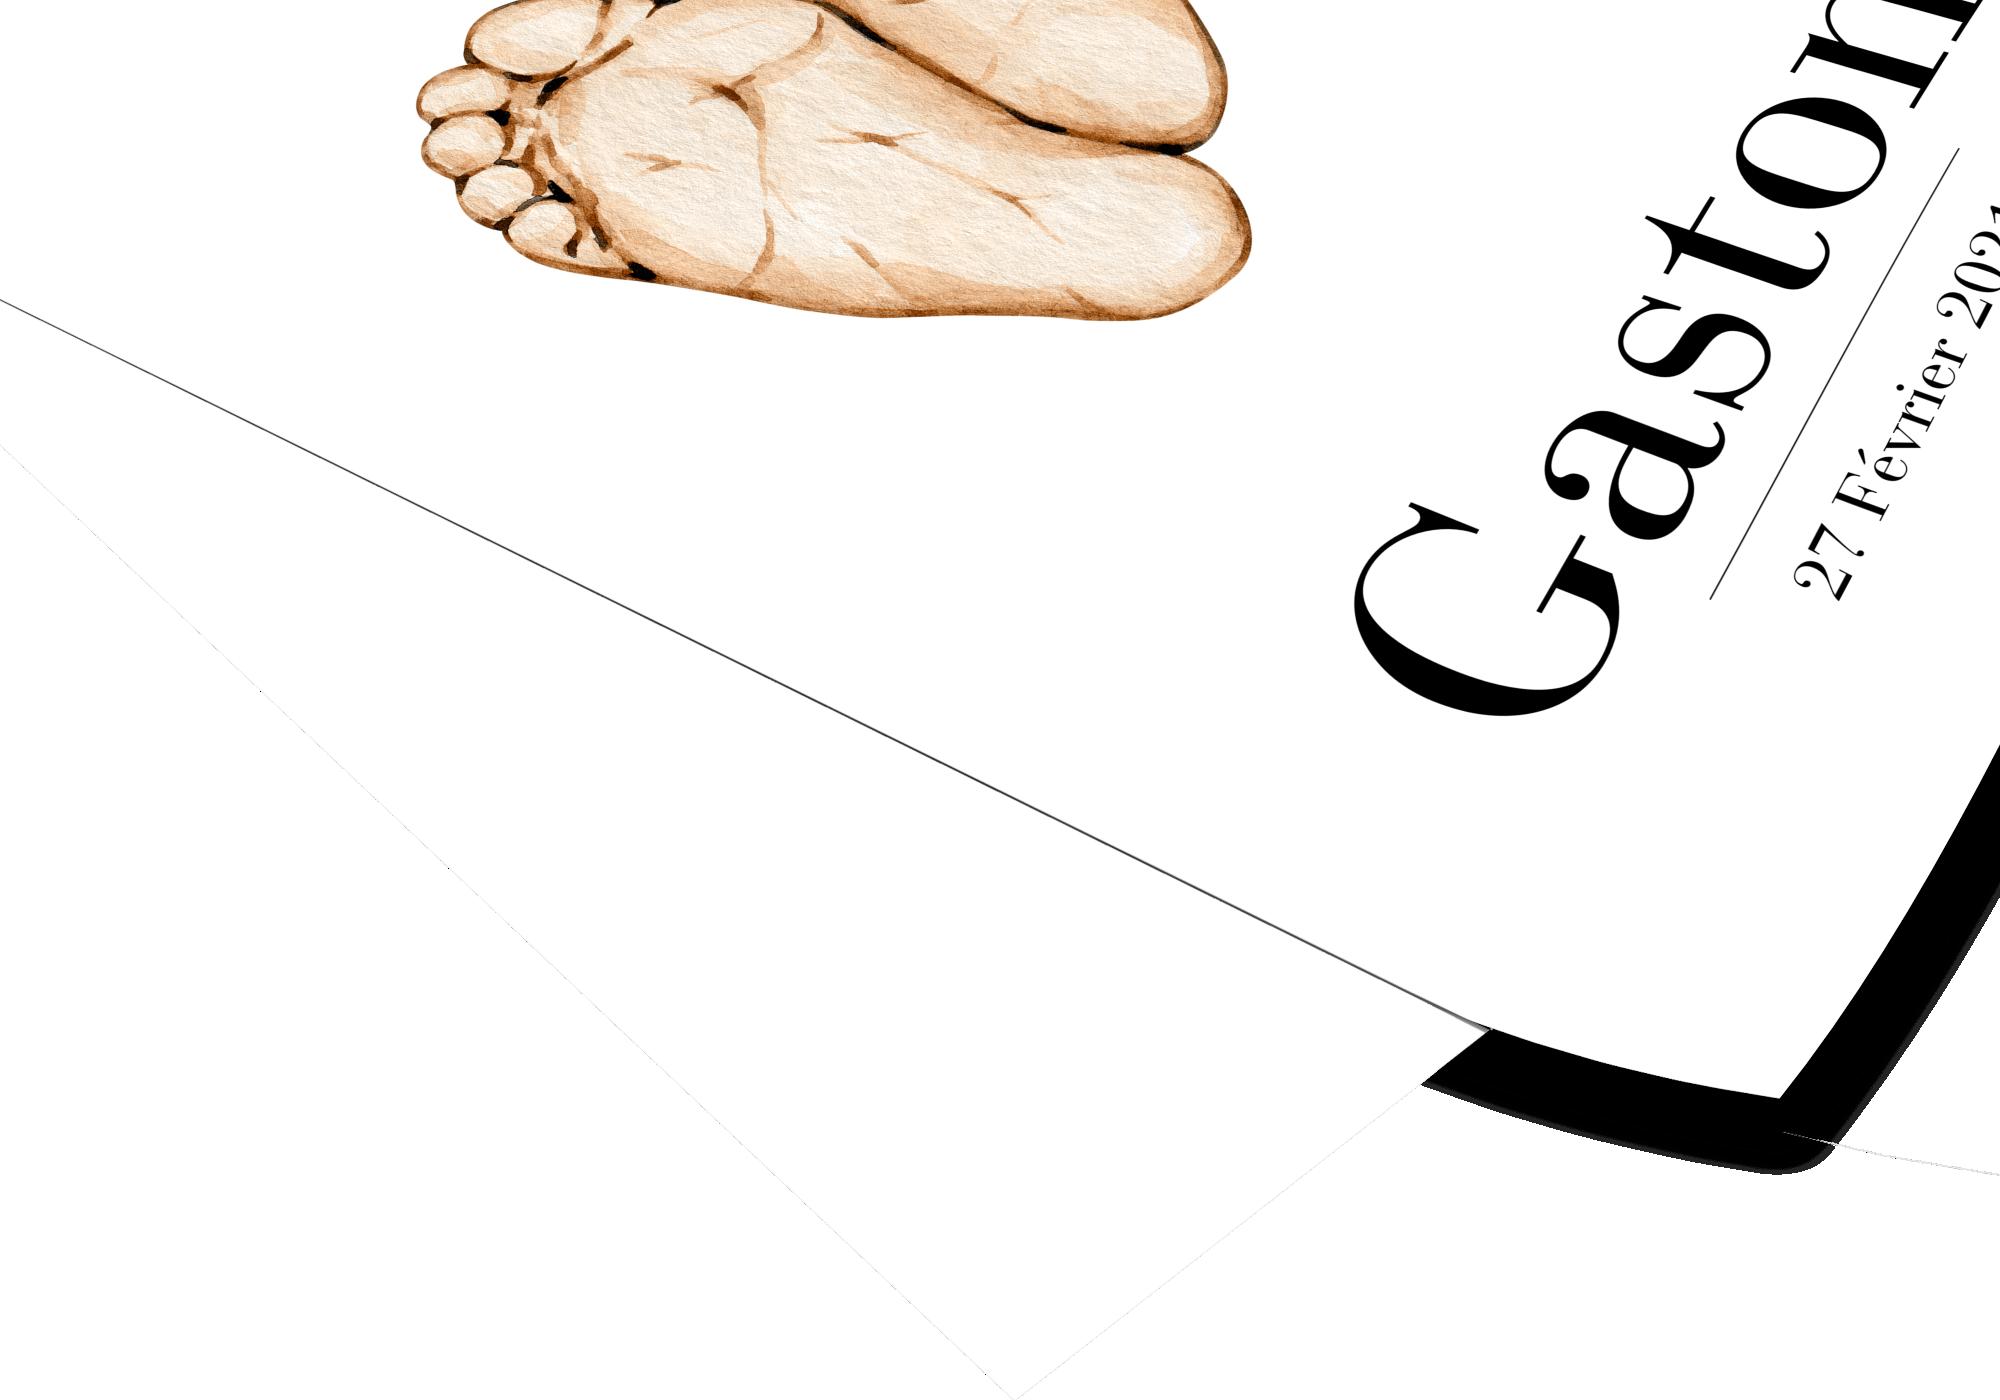 Poster pieds de bébé personnalisable parfait comme souvenir de naissance.